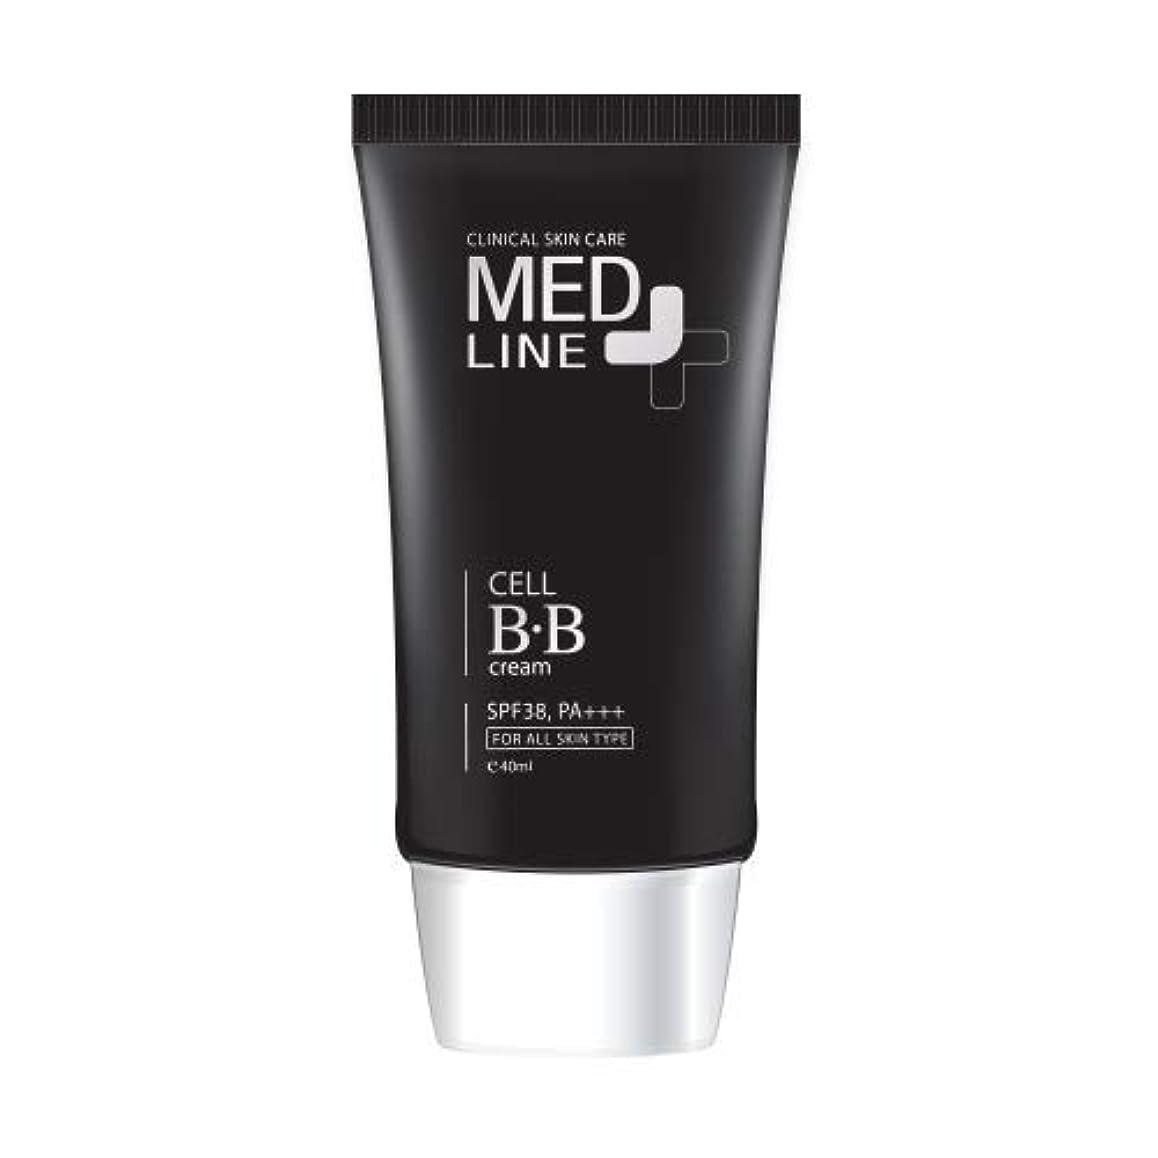 エミュレートする代表加速度メドライン(Med Line) セルBBクリーム(Cell B.B Cream)